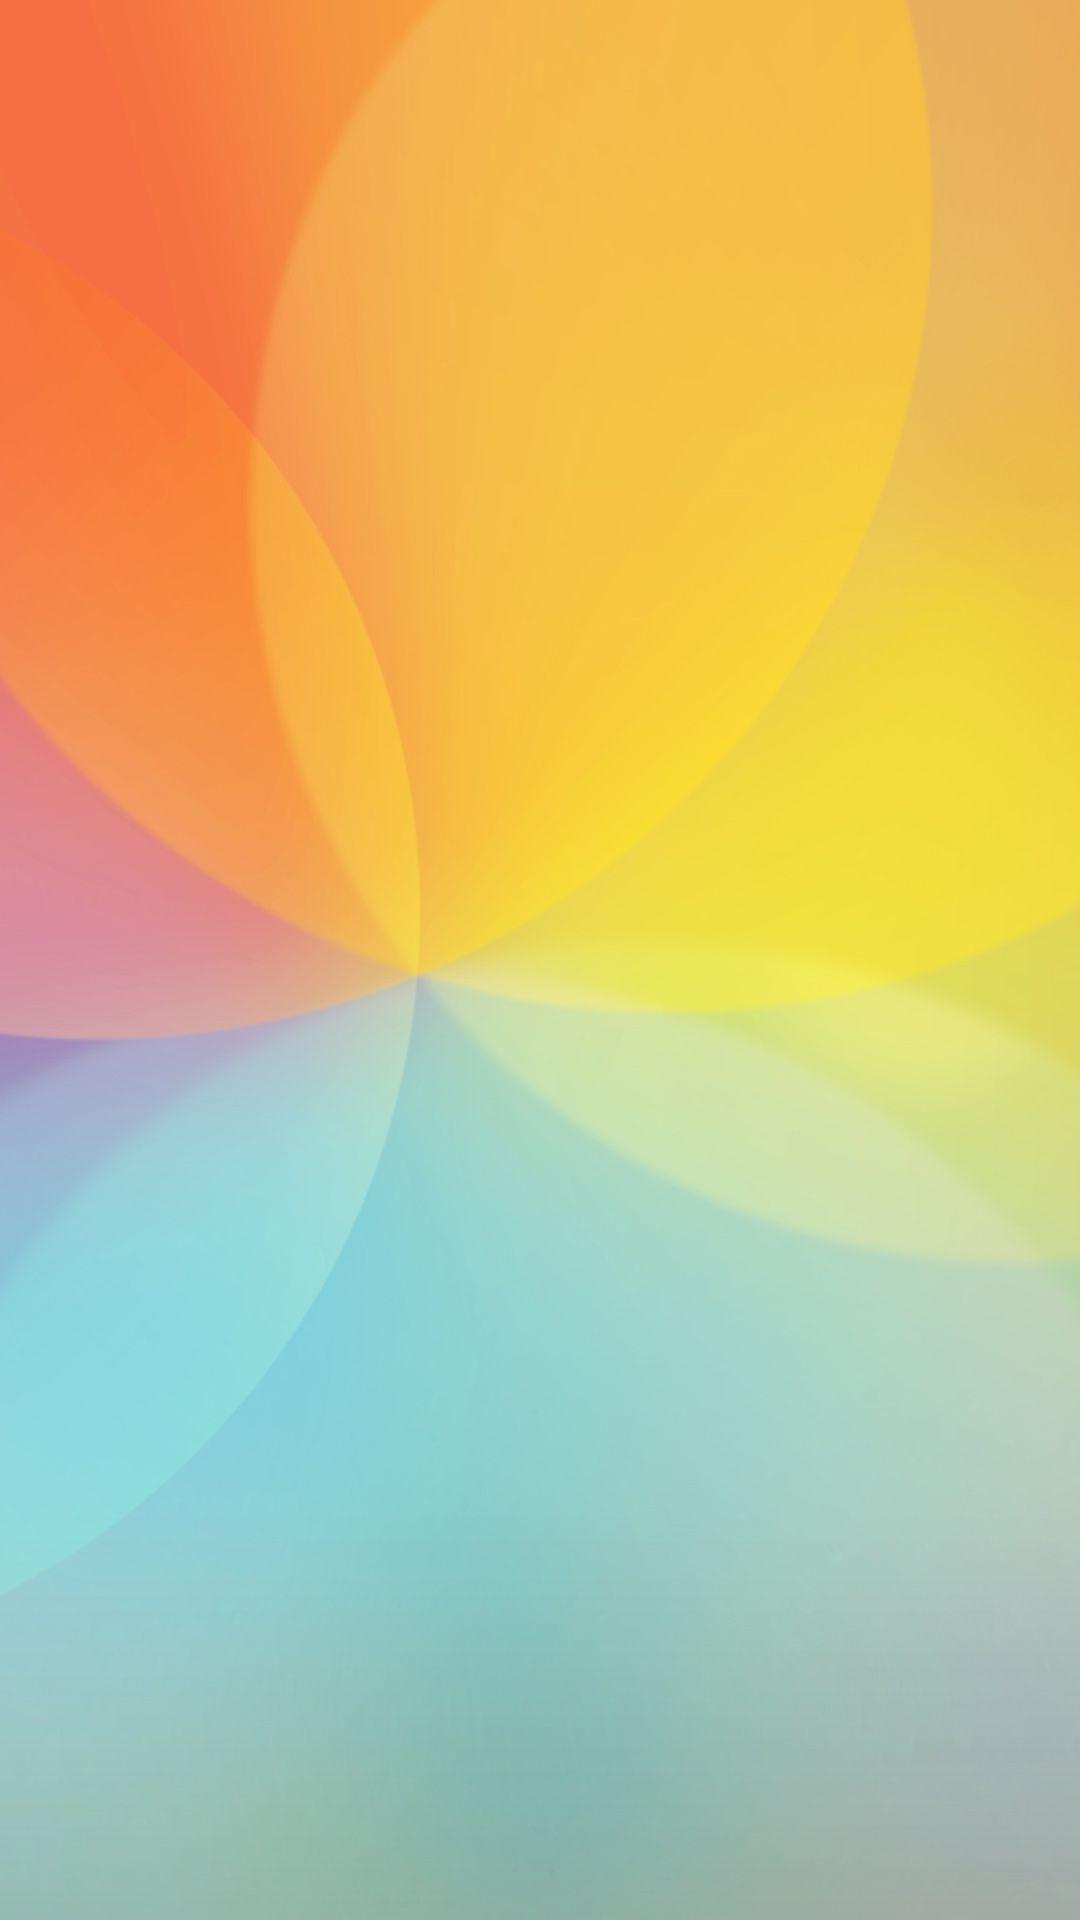 高級感ある淡い七色グラデーション ネオン花 ピンク 壁紙 Iphone